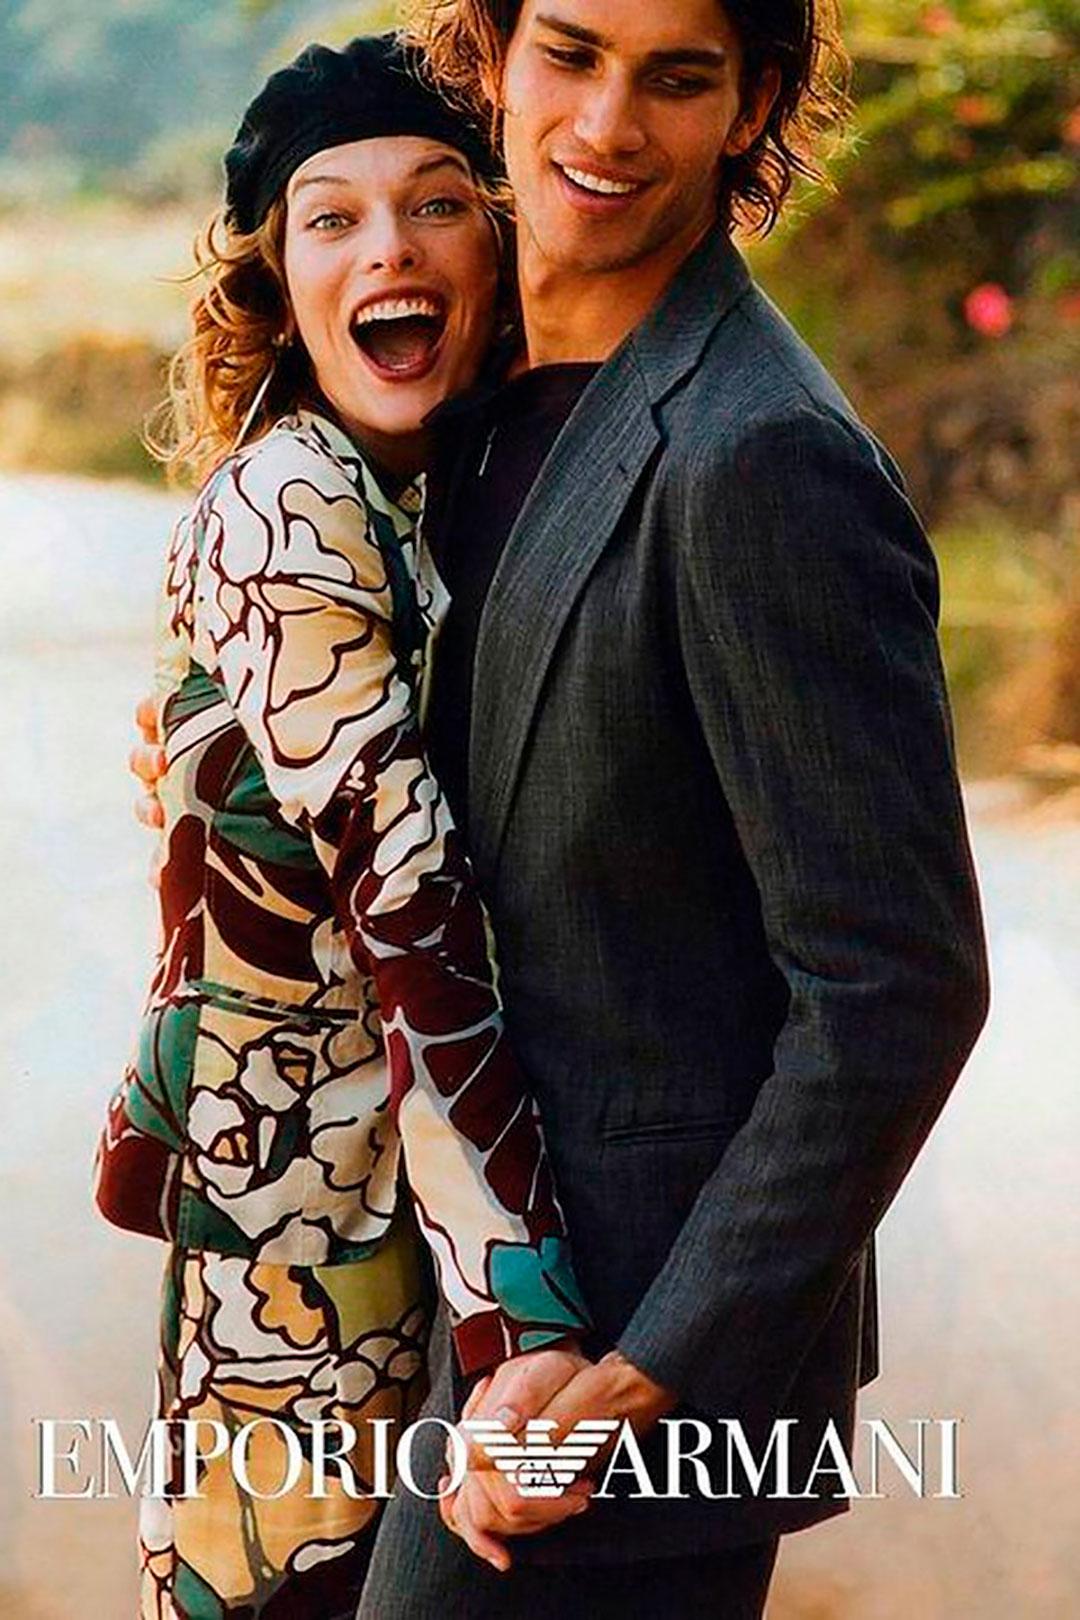 La firma italiana Emporio Armani convocó a Peter para su campaña otoño-invierno 2003/2004 y retrató a Milla Jovovich y Bruno Santos